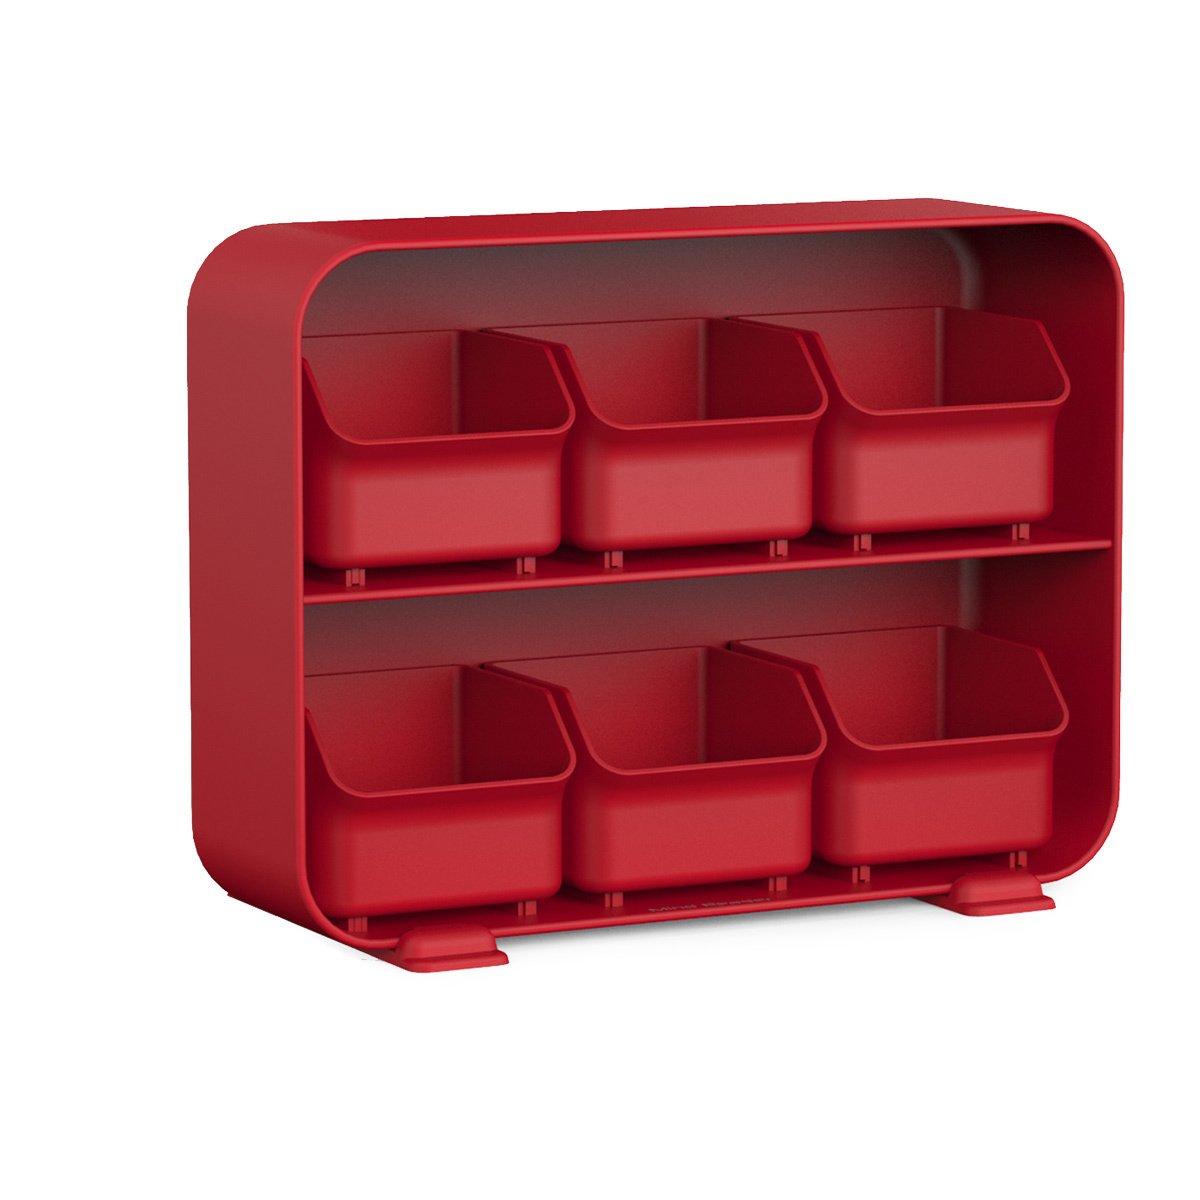 Handy 'Clutch' Plastic 6 Drawer Tea Bag Holder (Red)